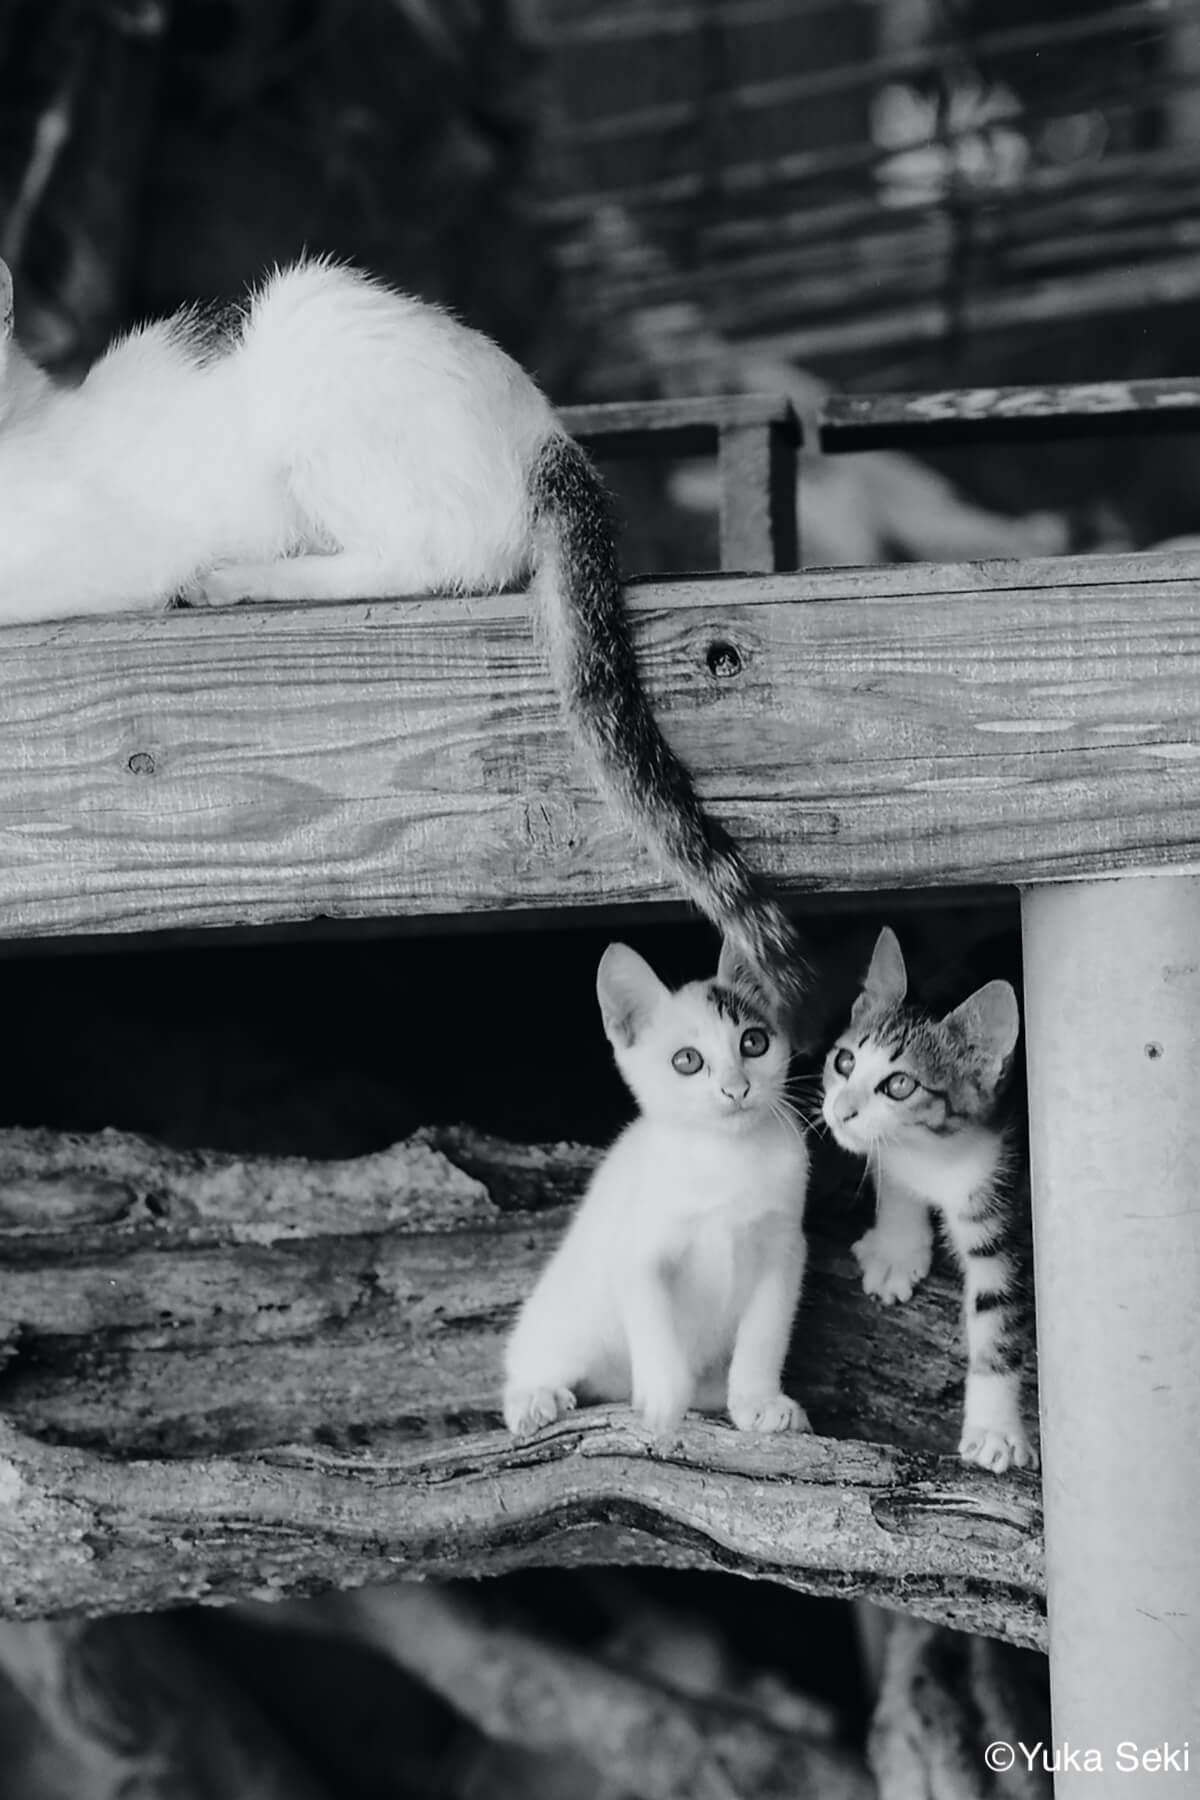 親猫のしっぽに釣られる2匹の子猫のモノクロ写真 by ねこ写真家・関由香